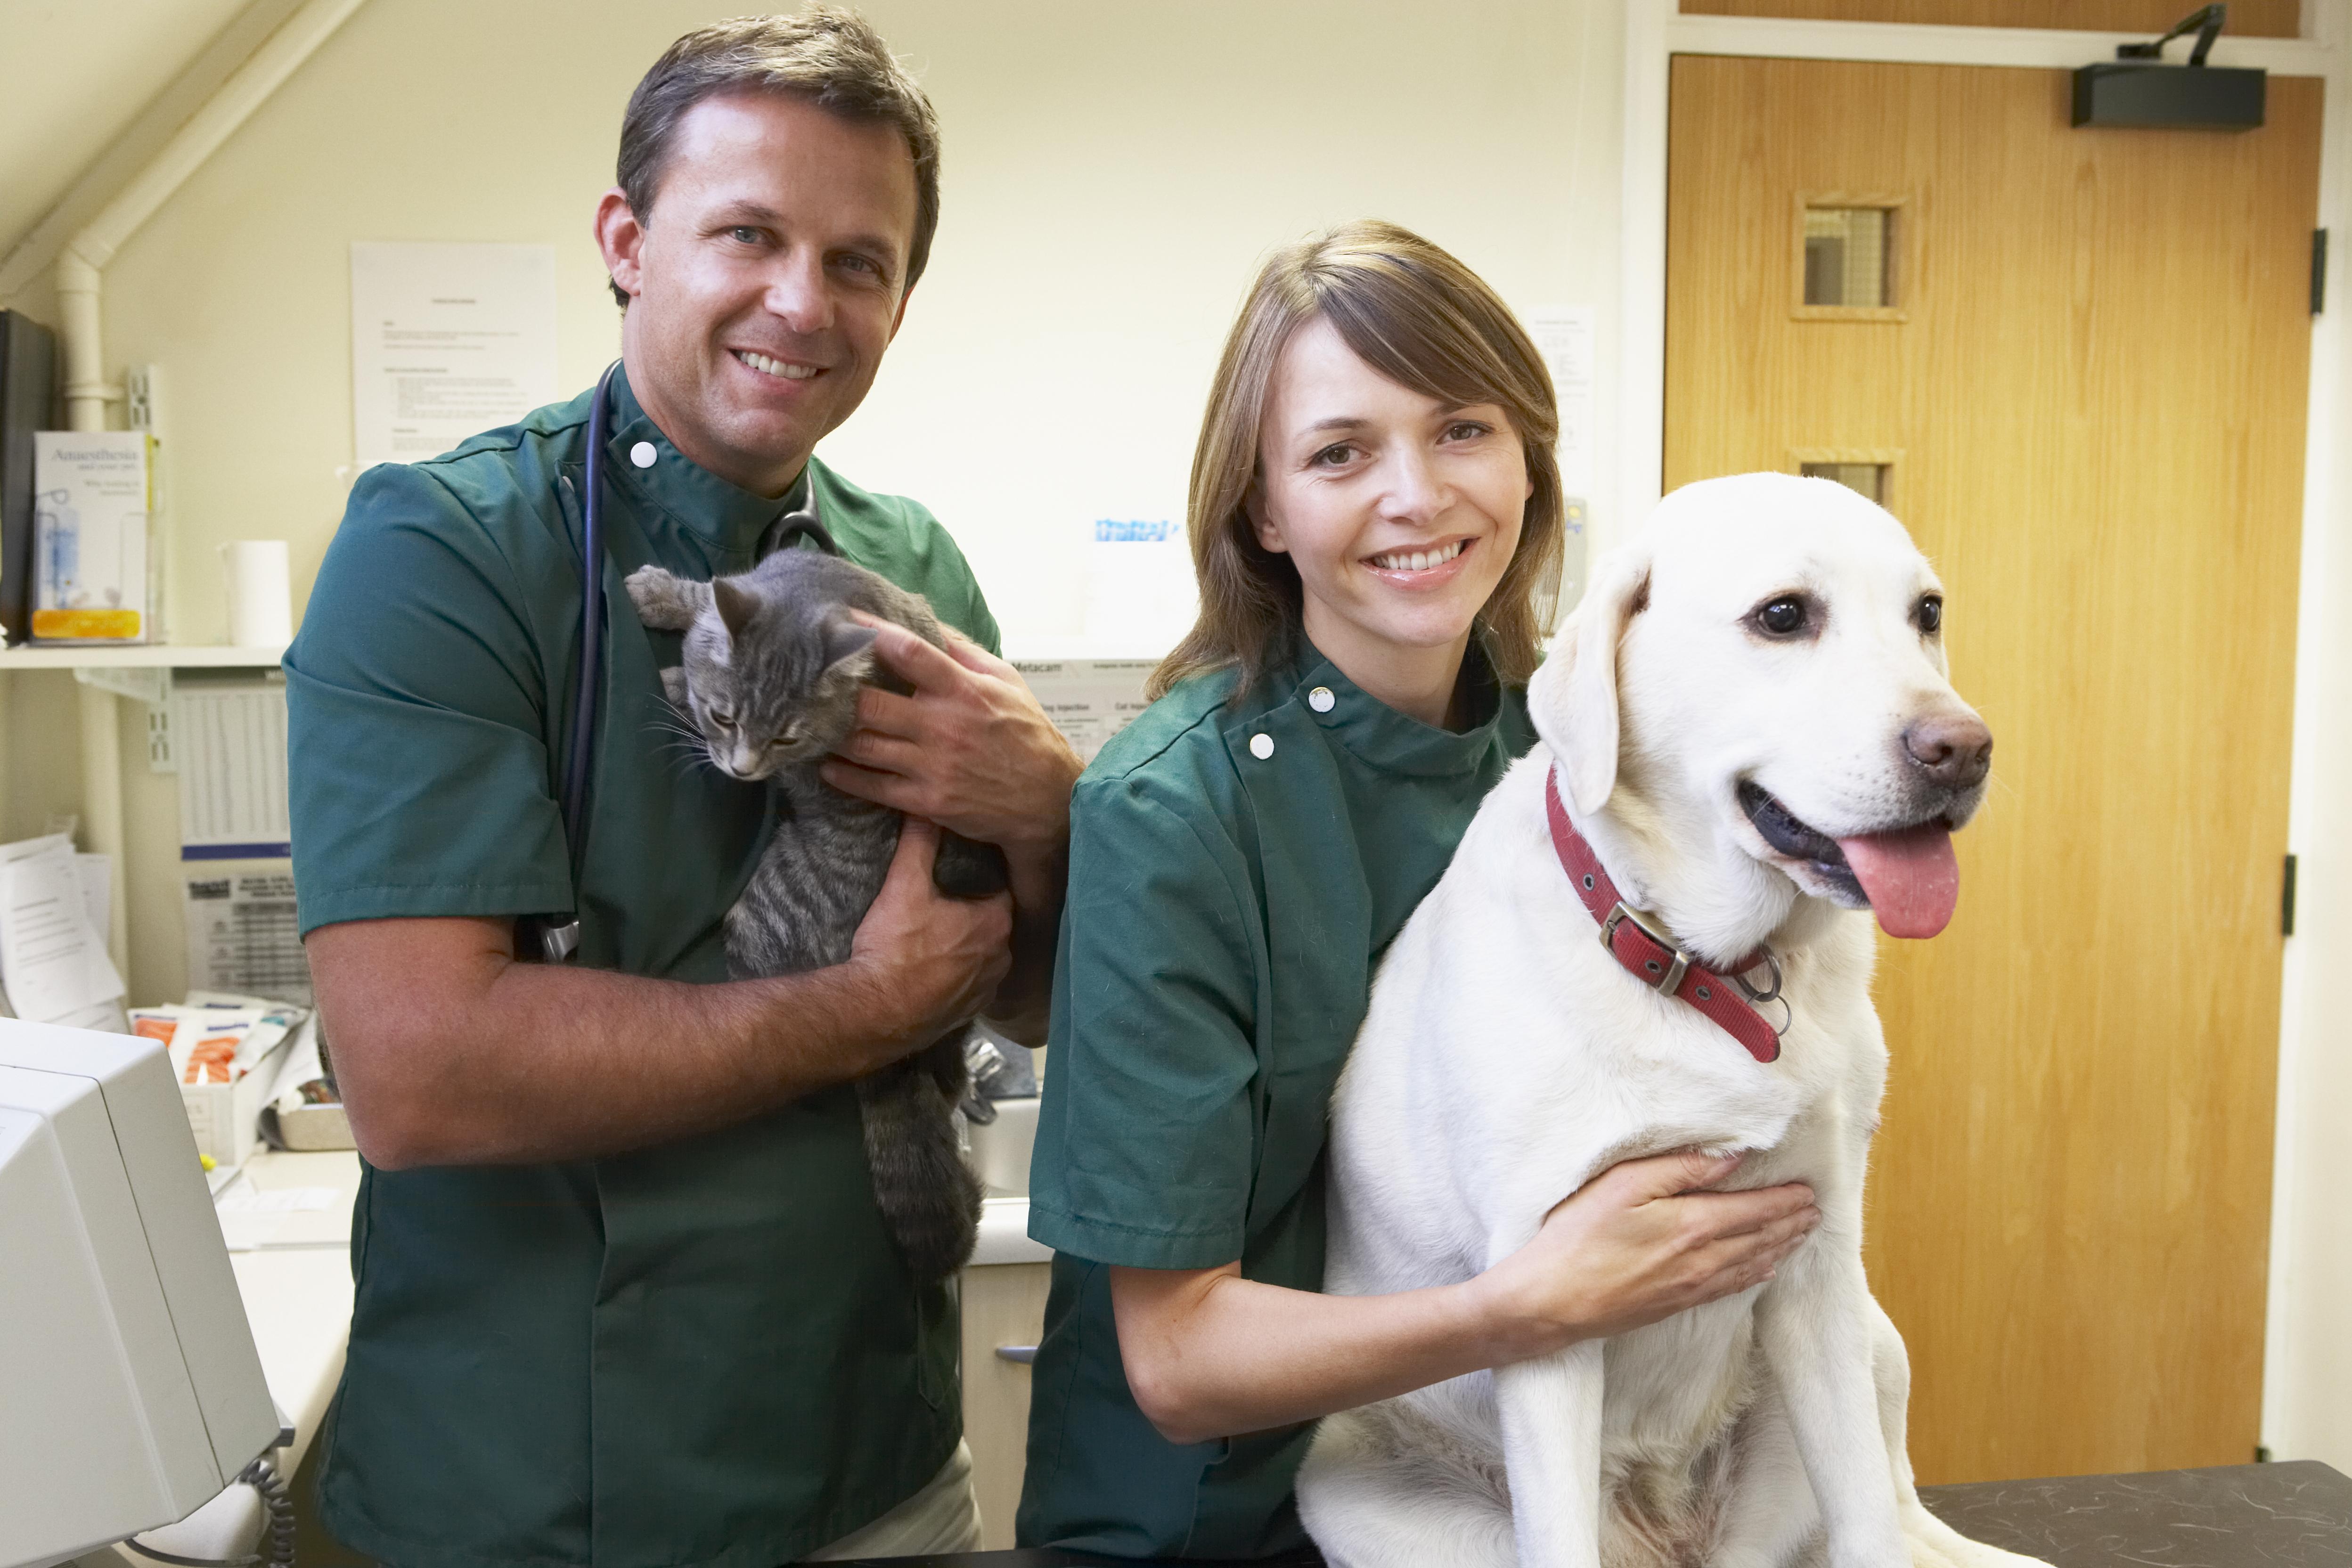 Om du misstänker att din hund eller katt har drabbats av artros är det viktigt att ta med ditt husdjur till en veterinär för undersökning och diagnos.